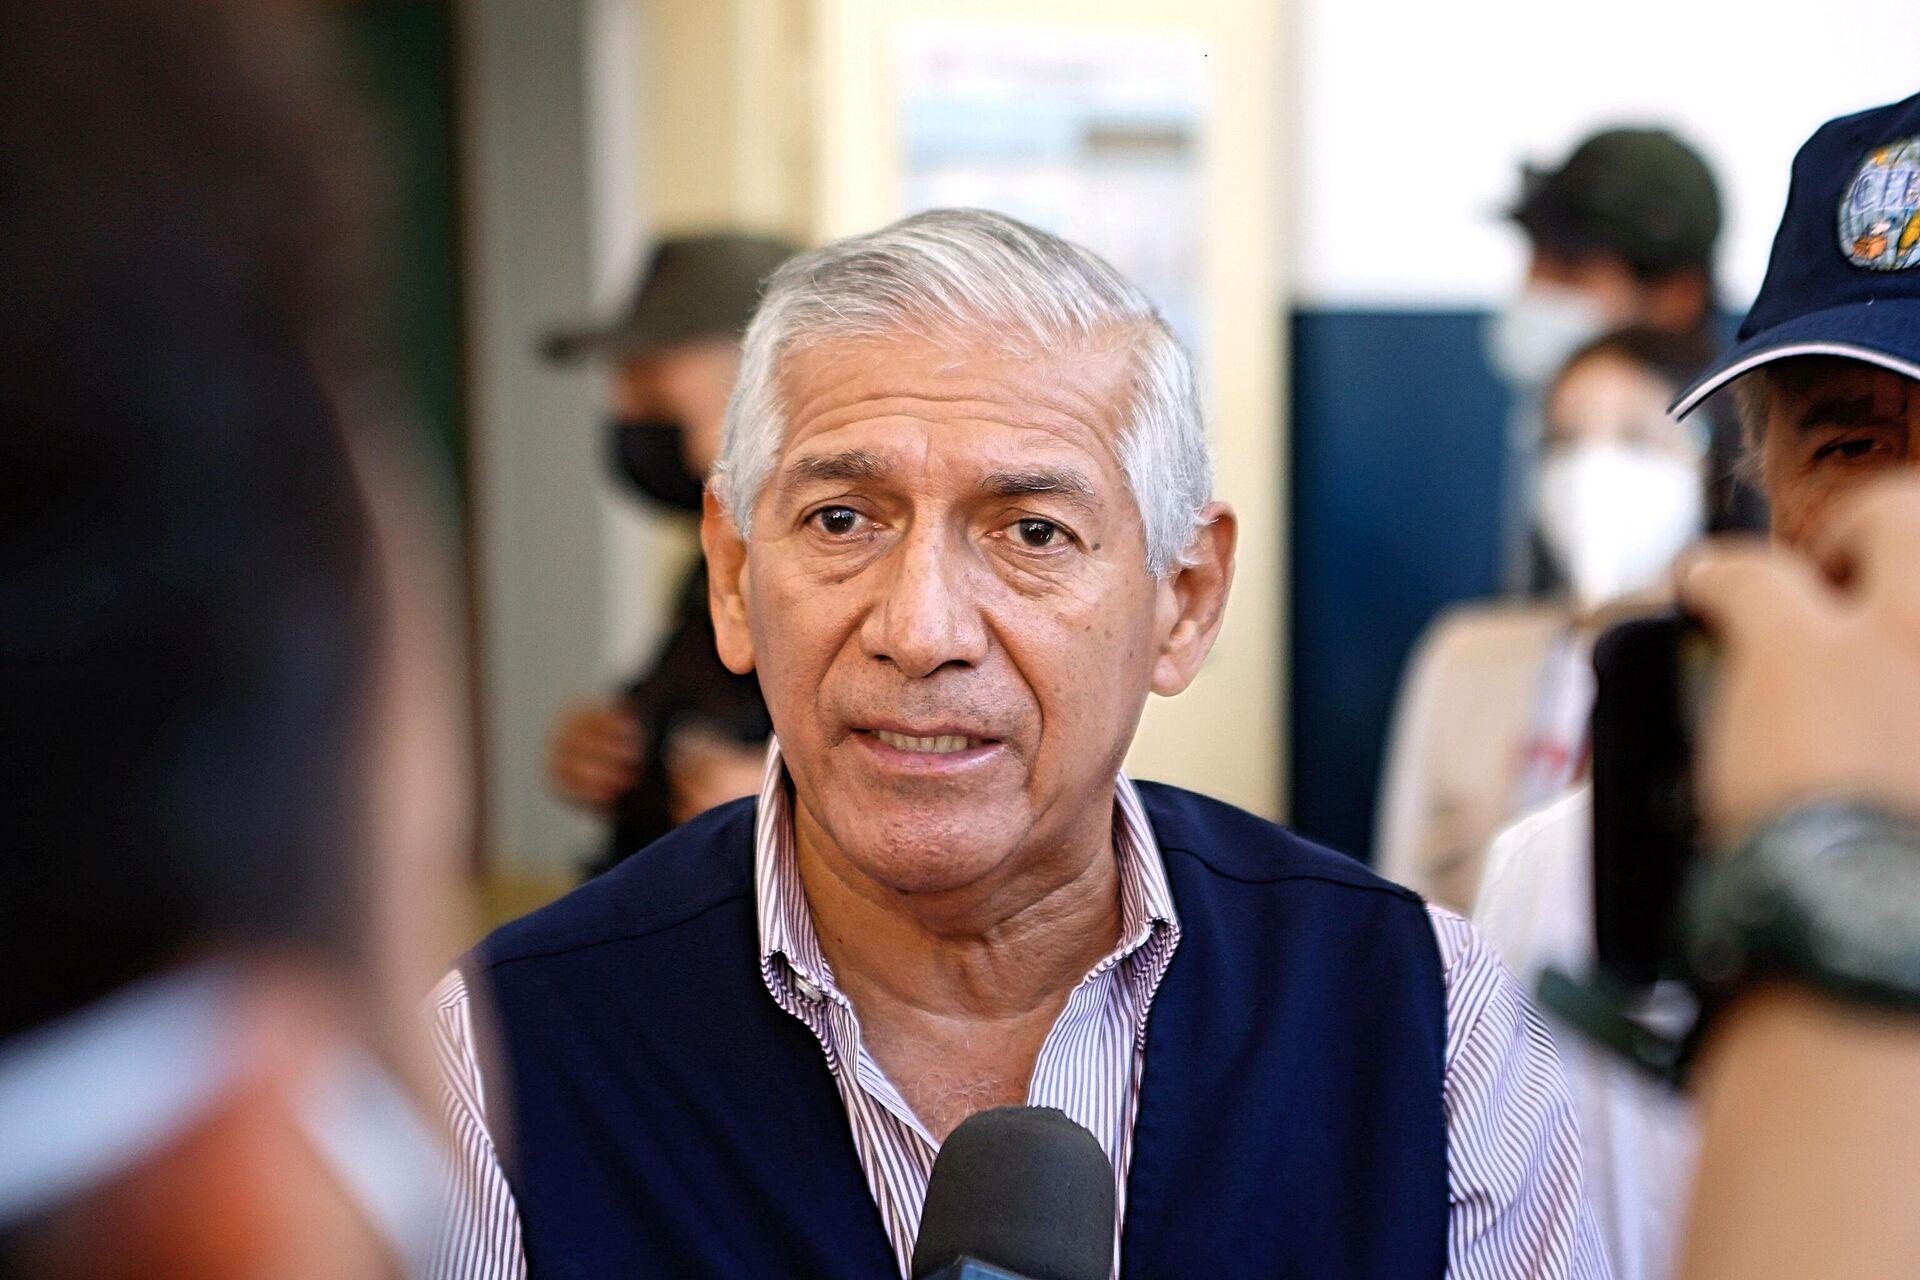 Nicanor Moscoso, jefe de la misión electoral del CEELA: Ninguna misión electoral debe inmiscuirse en el sistema venezolano - Sputnik Mundo, 1920, 11.10.2021